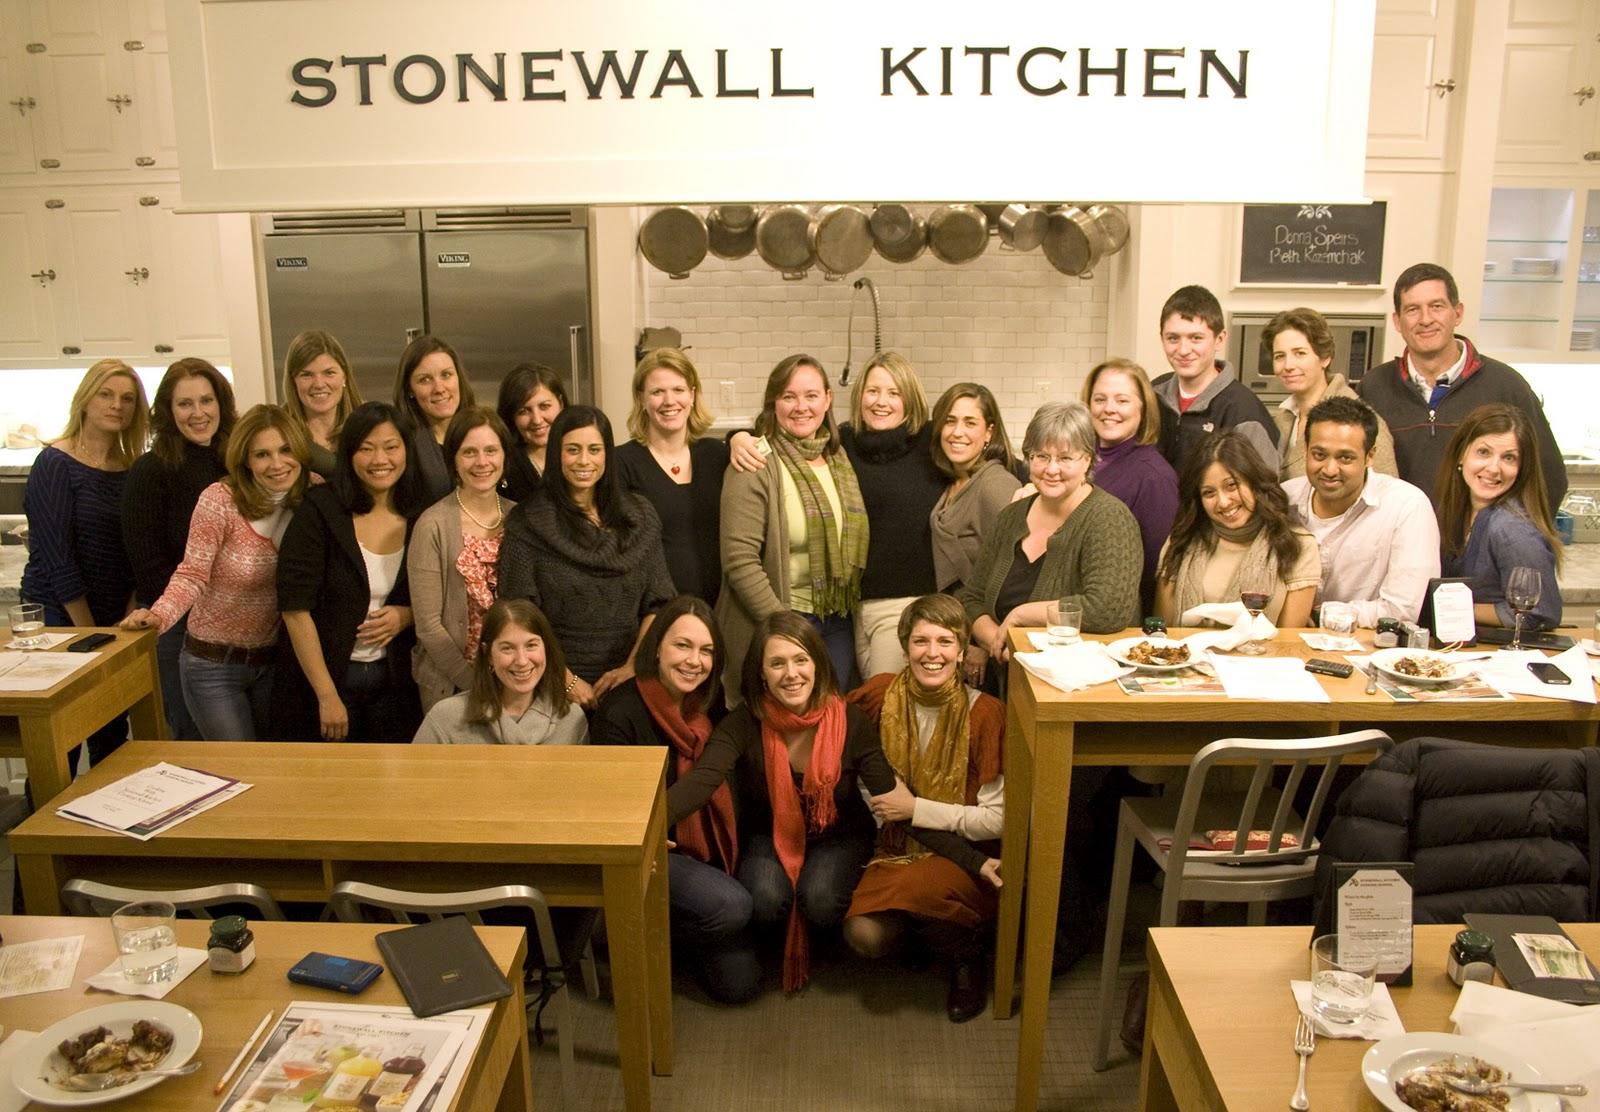 stonewall kitchen coupon decor pictures | a1houston